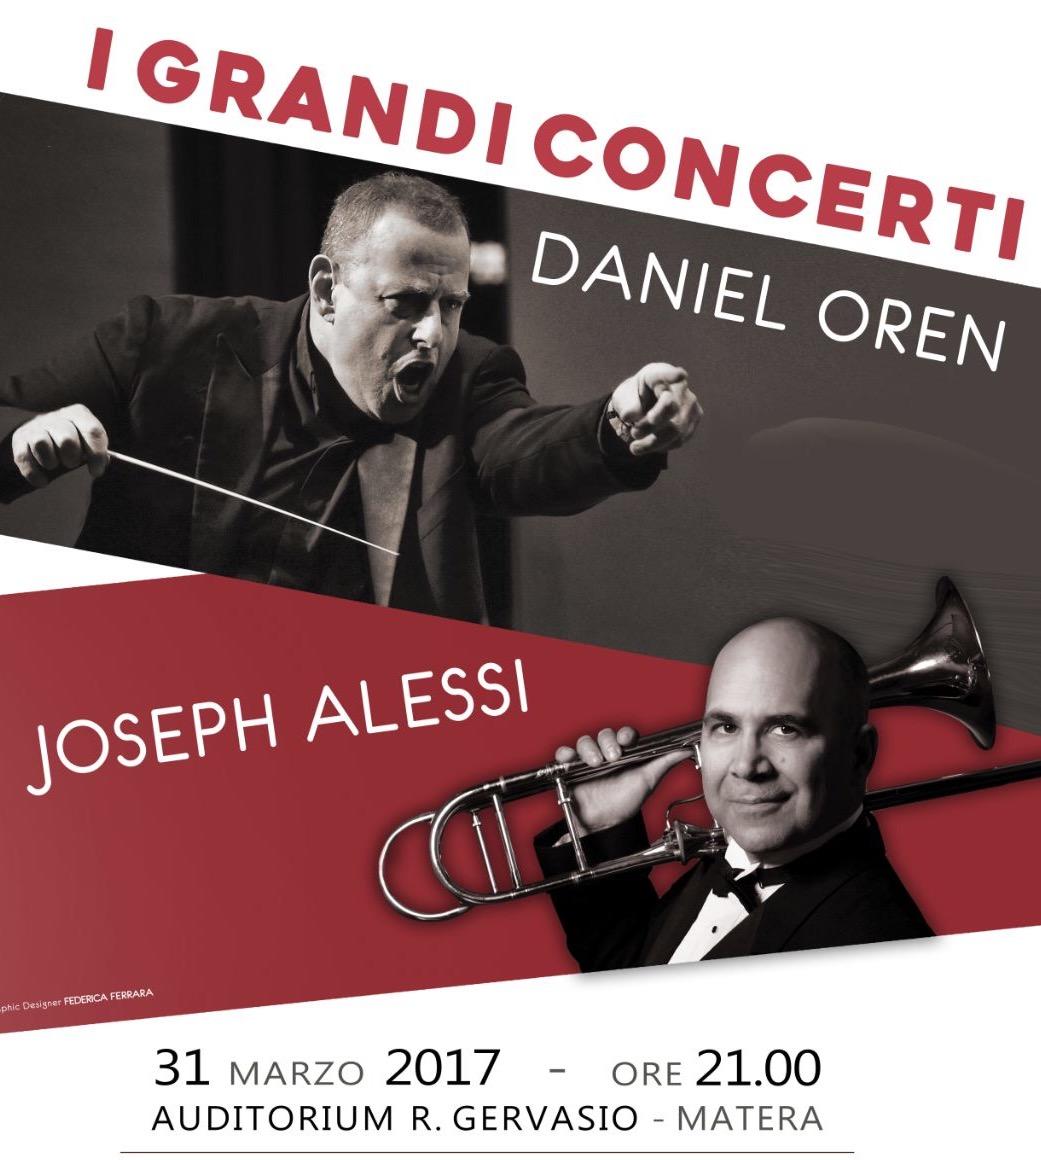 Daniel Oren dirige l'Orchestra Filarmonica di Benevento e il solista Joseph Alessi